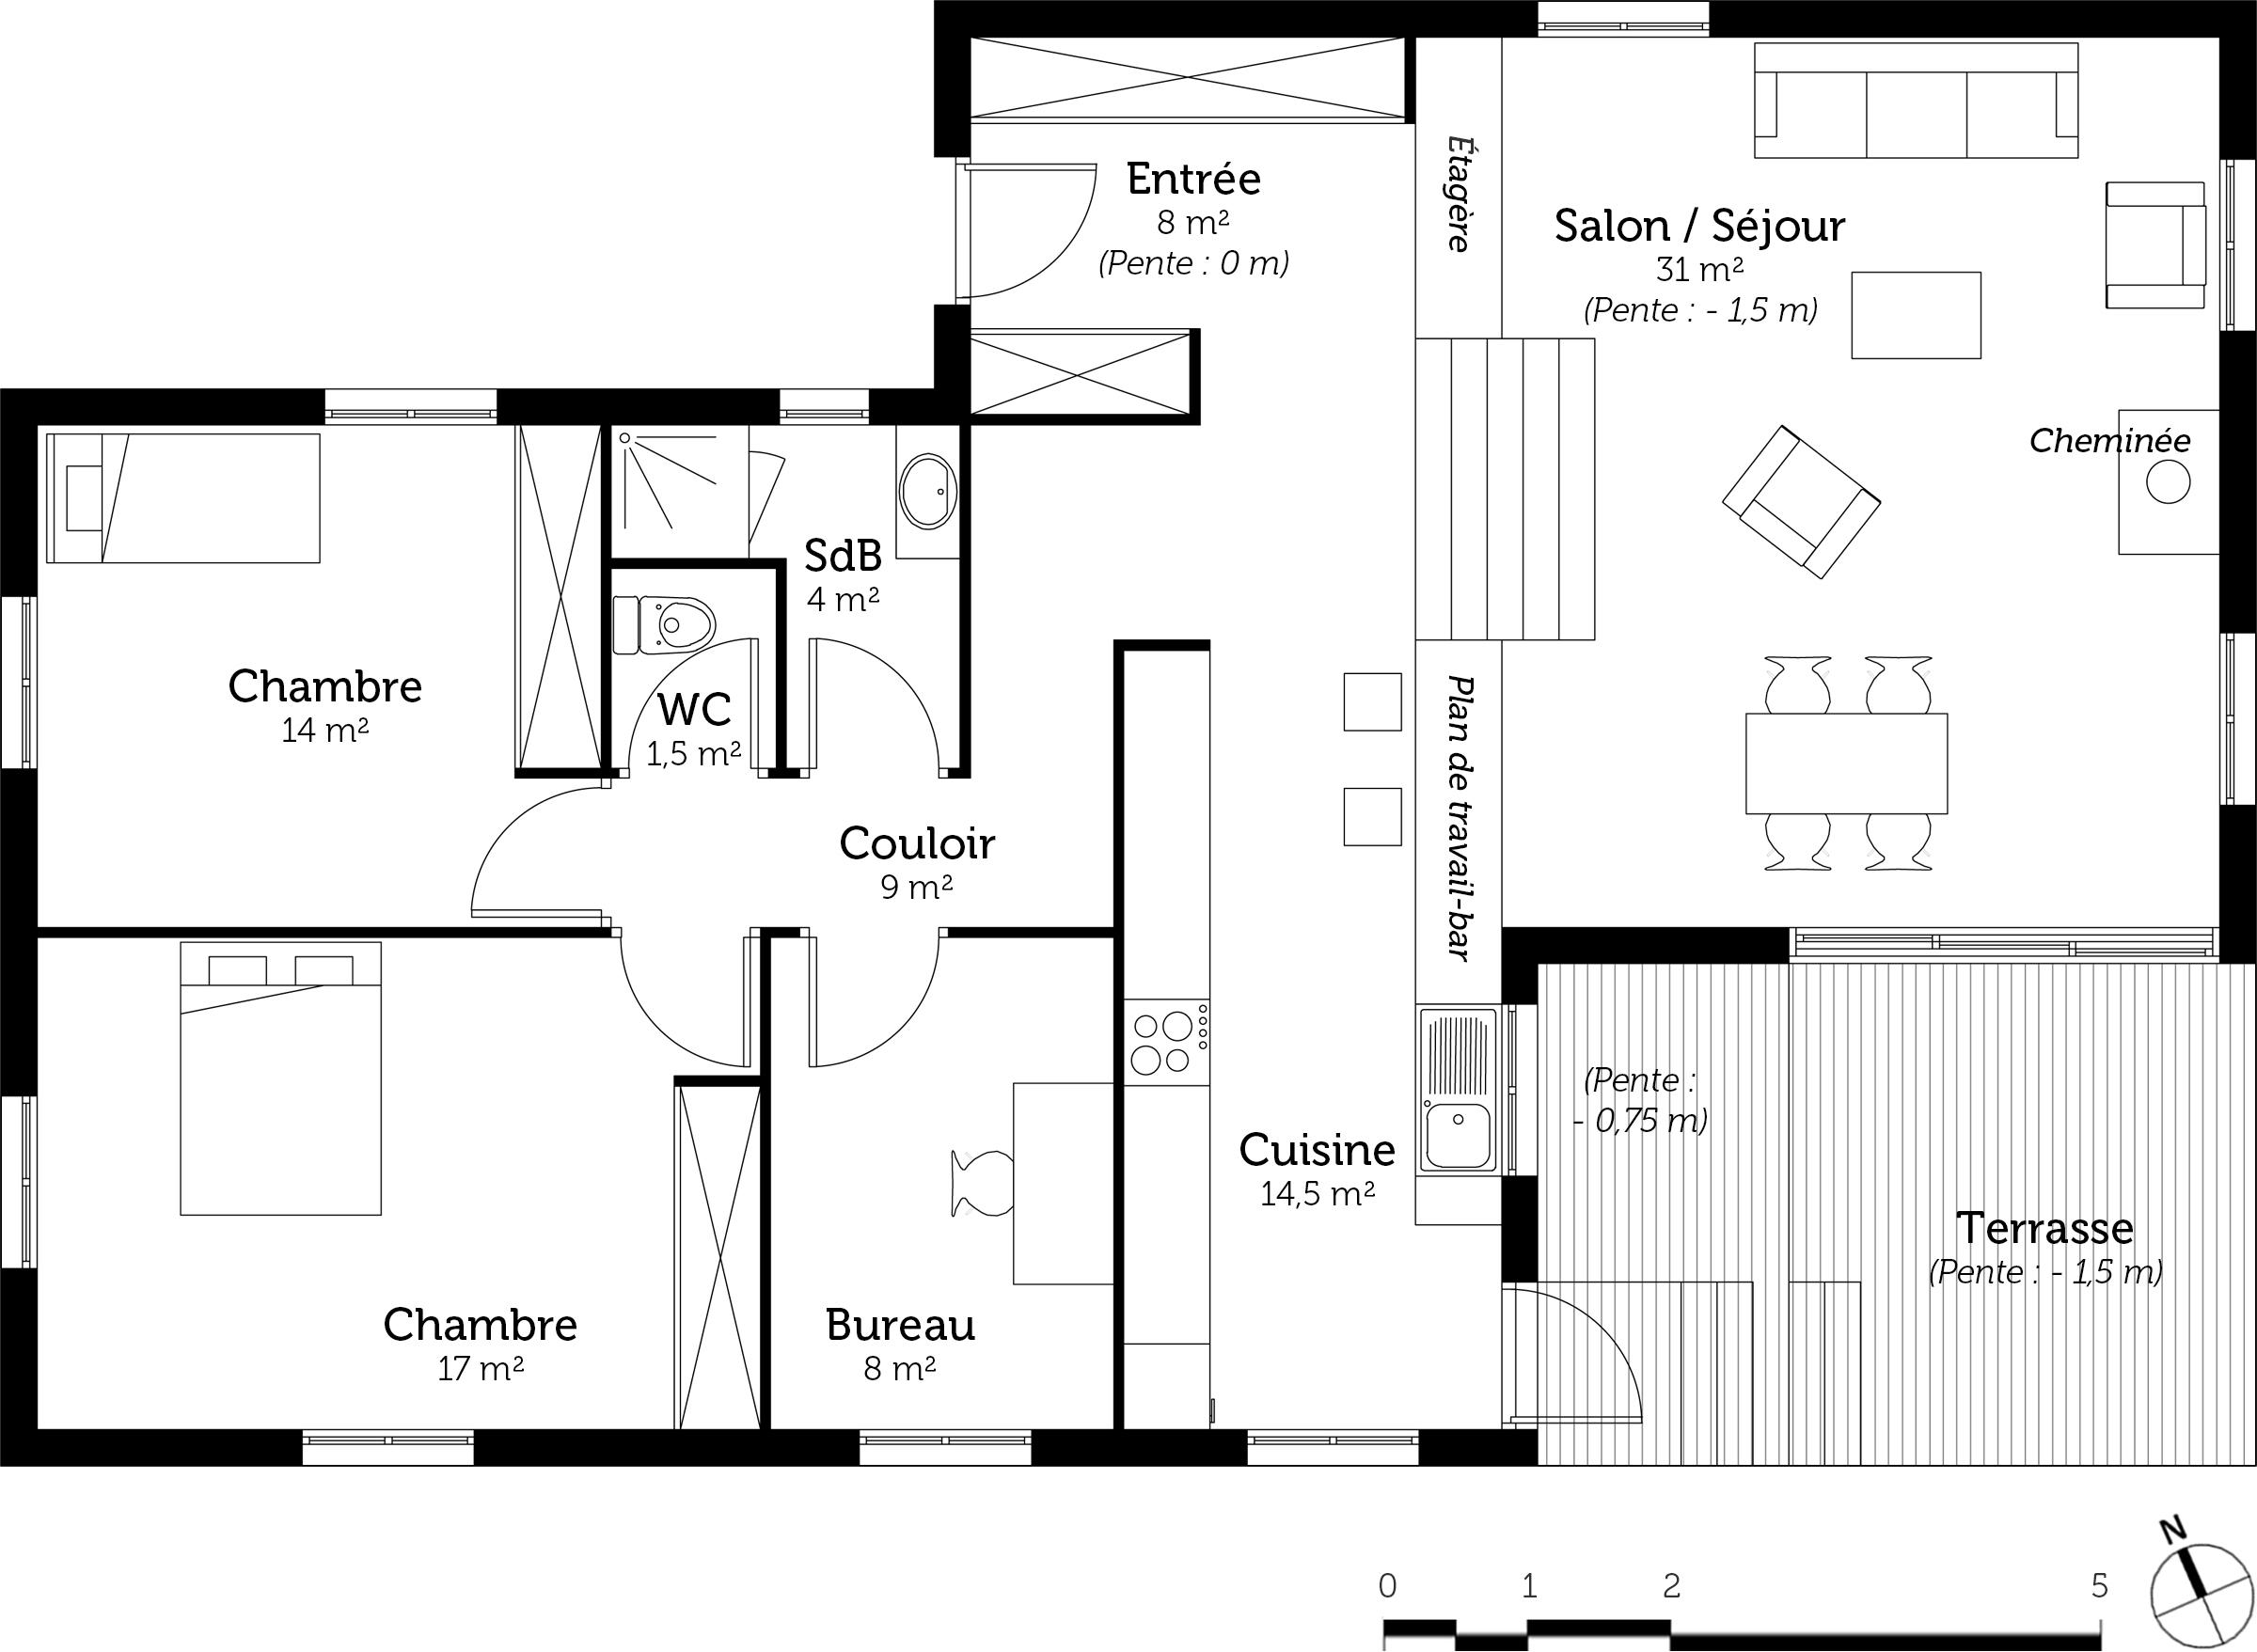 Plan maison demi niveau